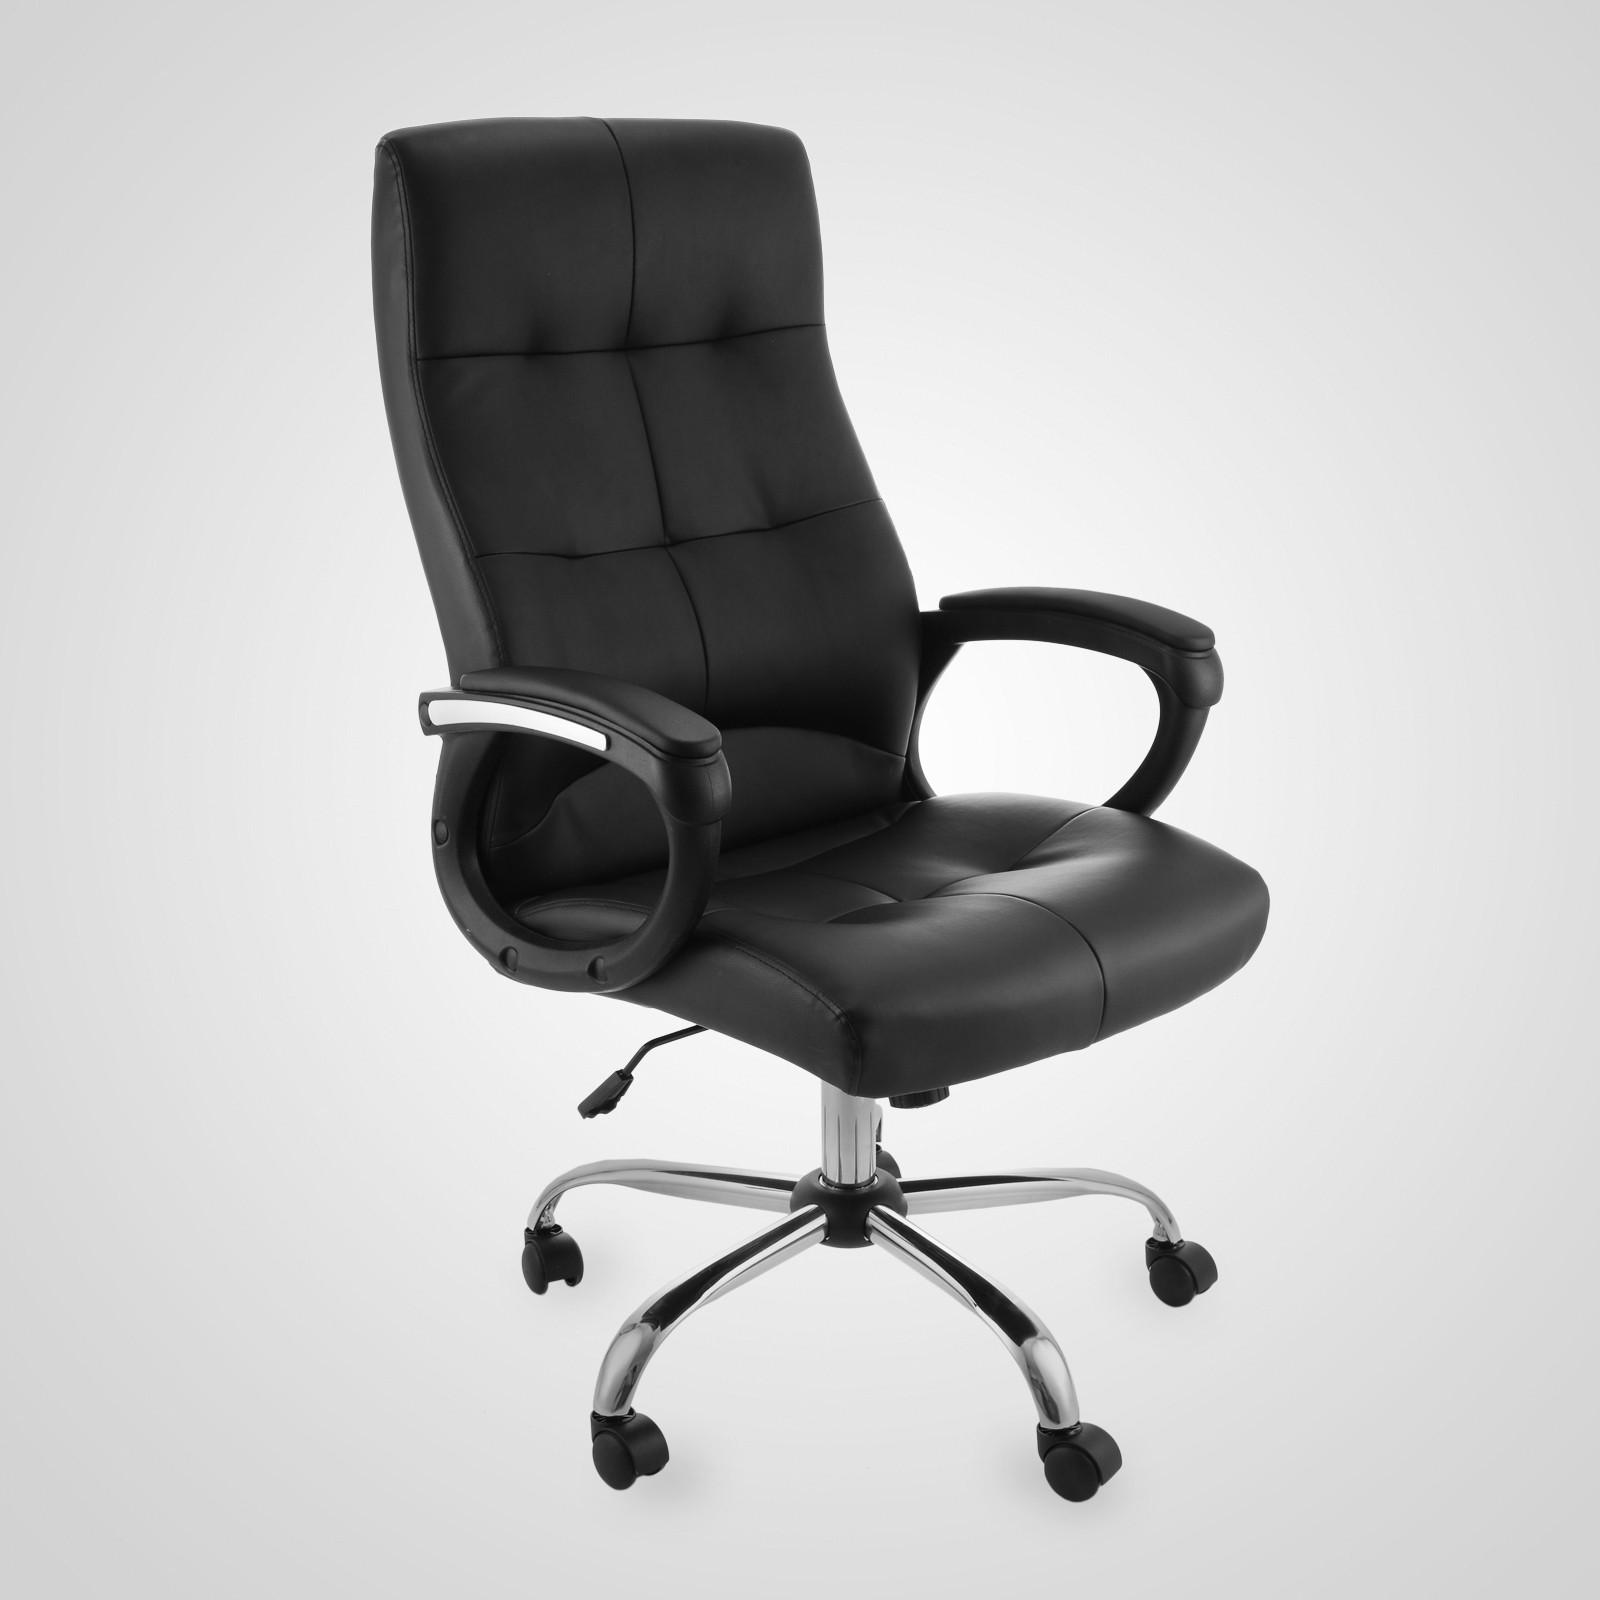 Xxl 160kg ecopelle poltrona ufficio sedia per studio for Sedia ufficio xxl